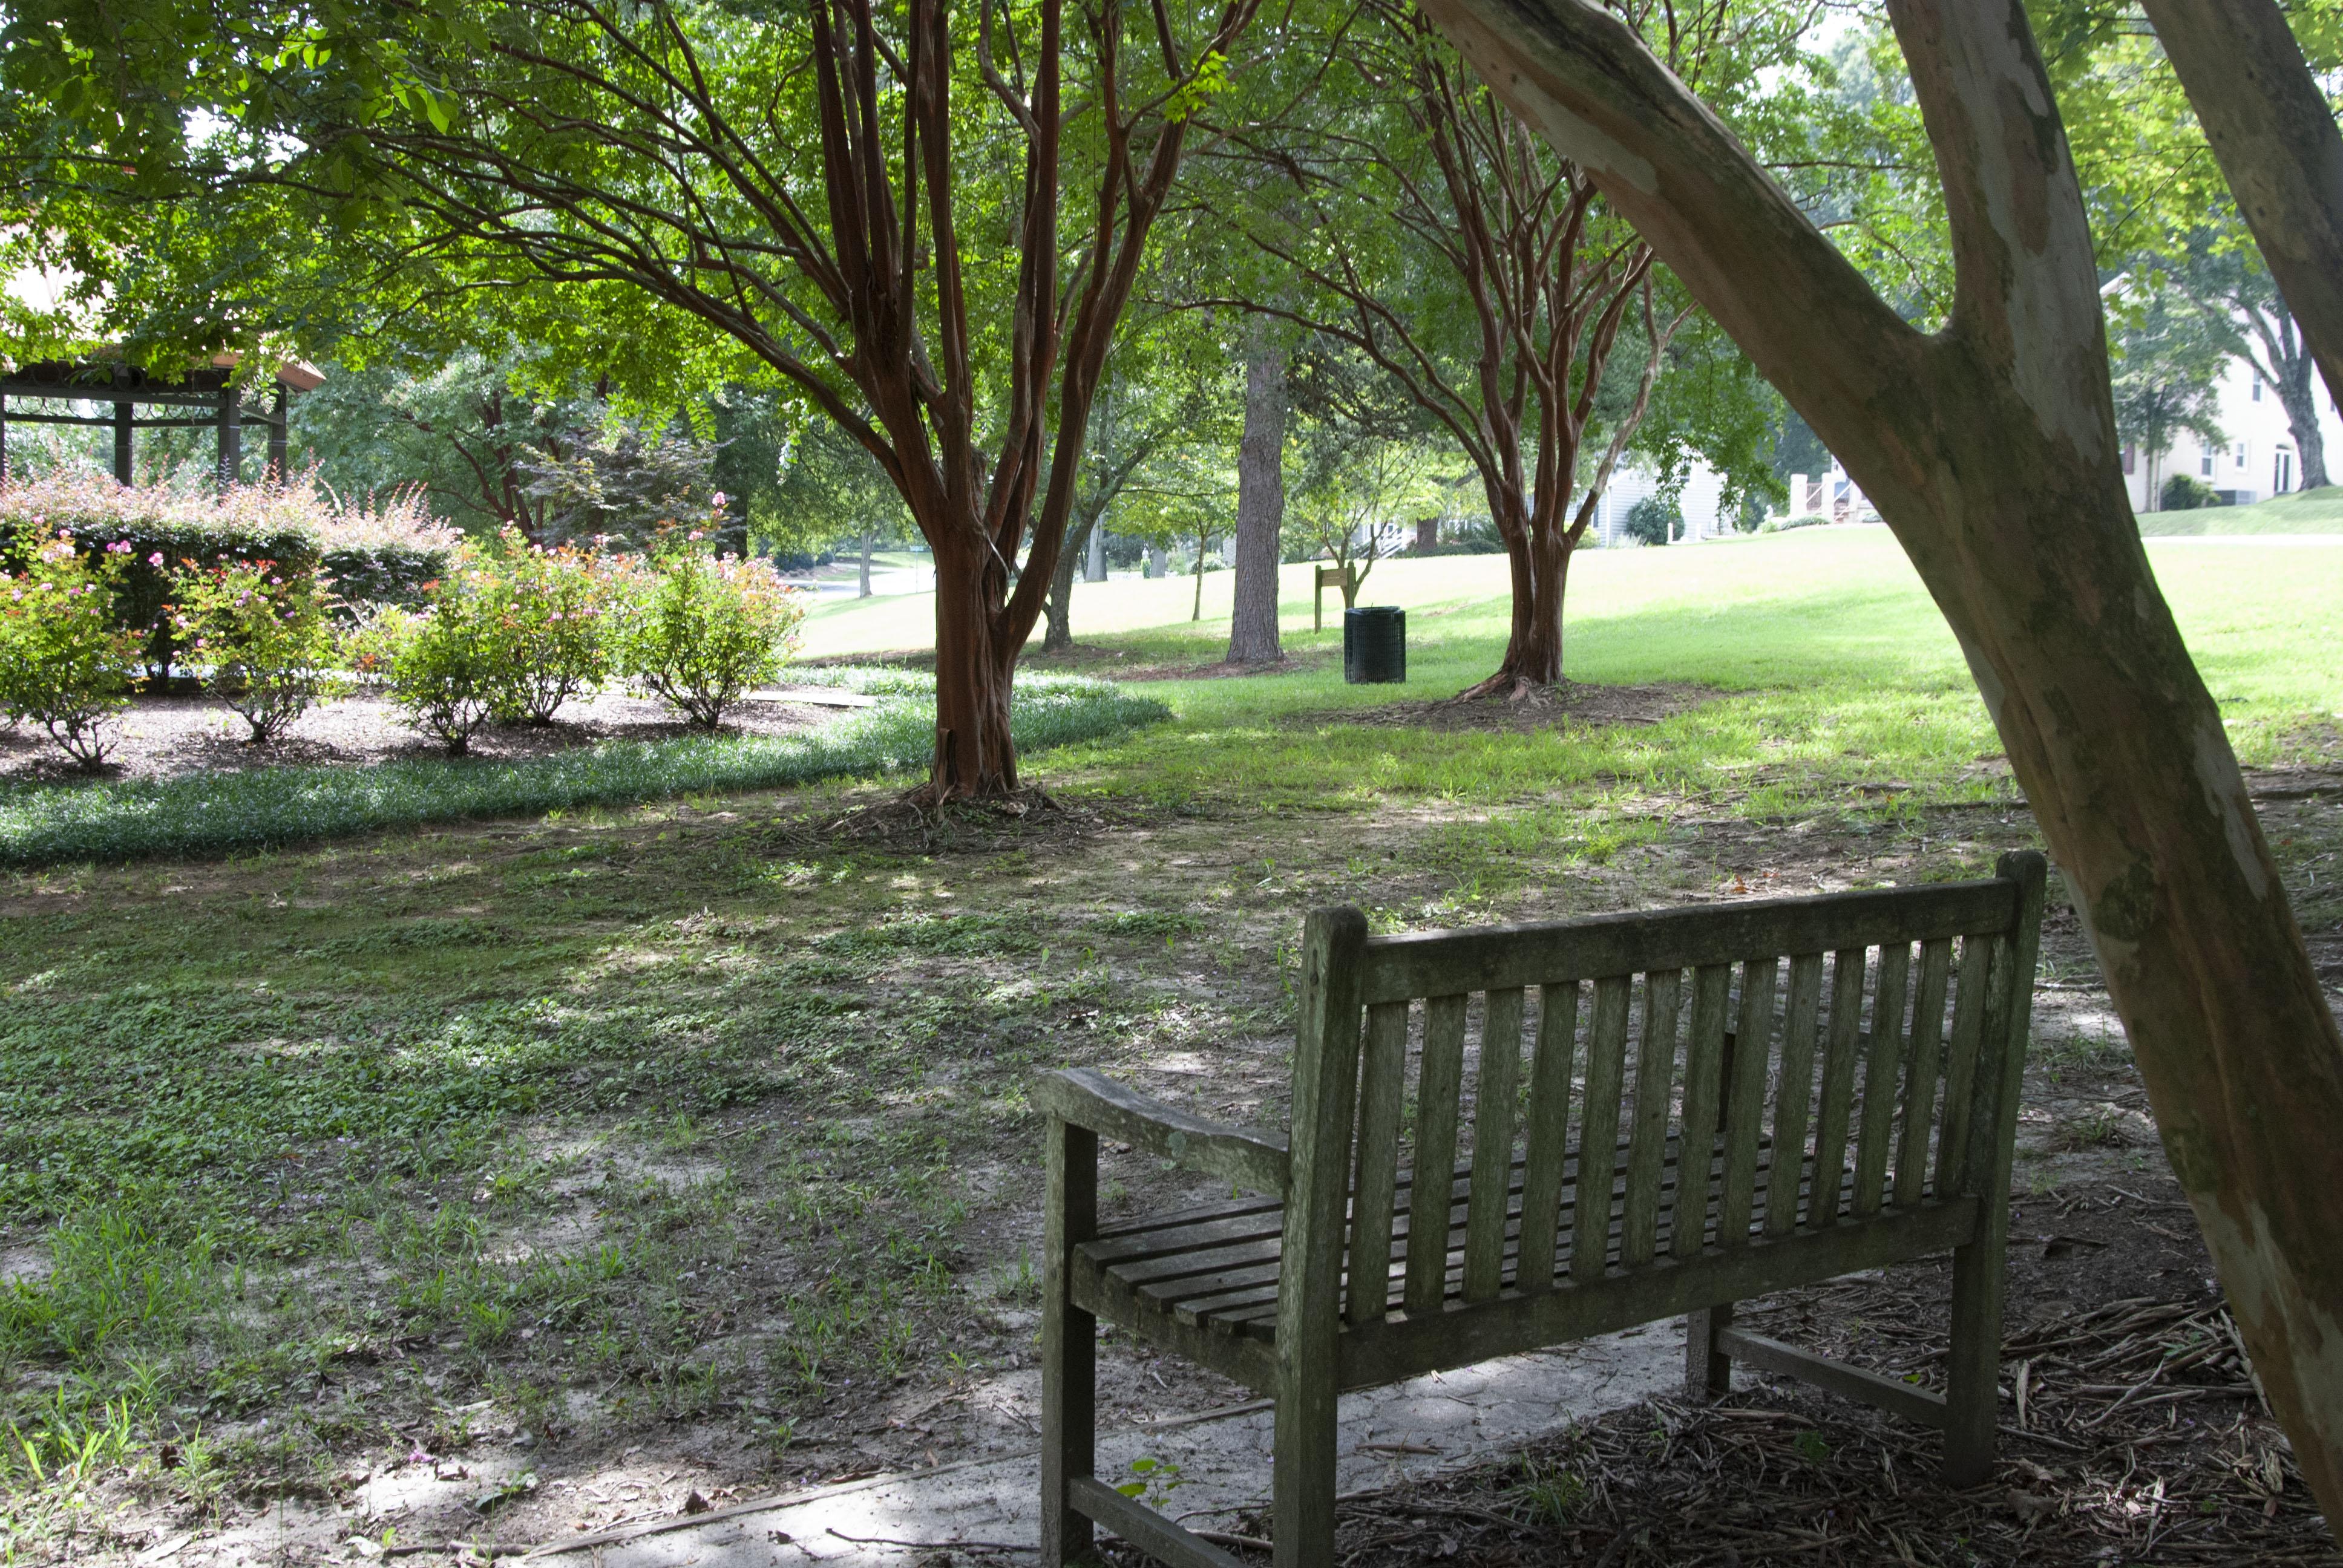 Willowbrook Park anticipates transformation with new arboretum